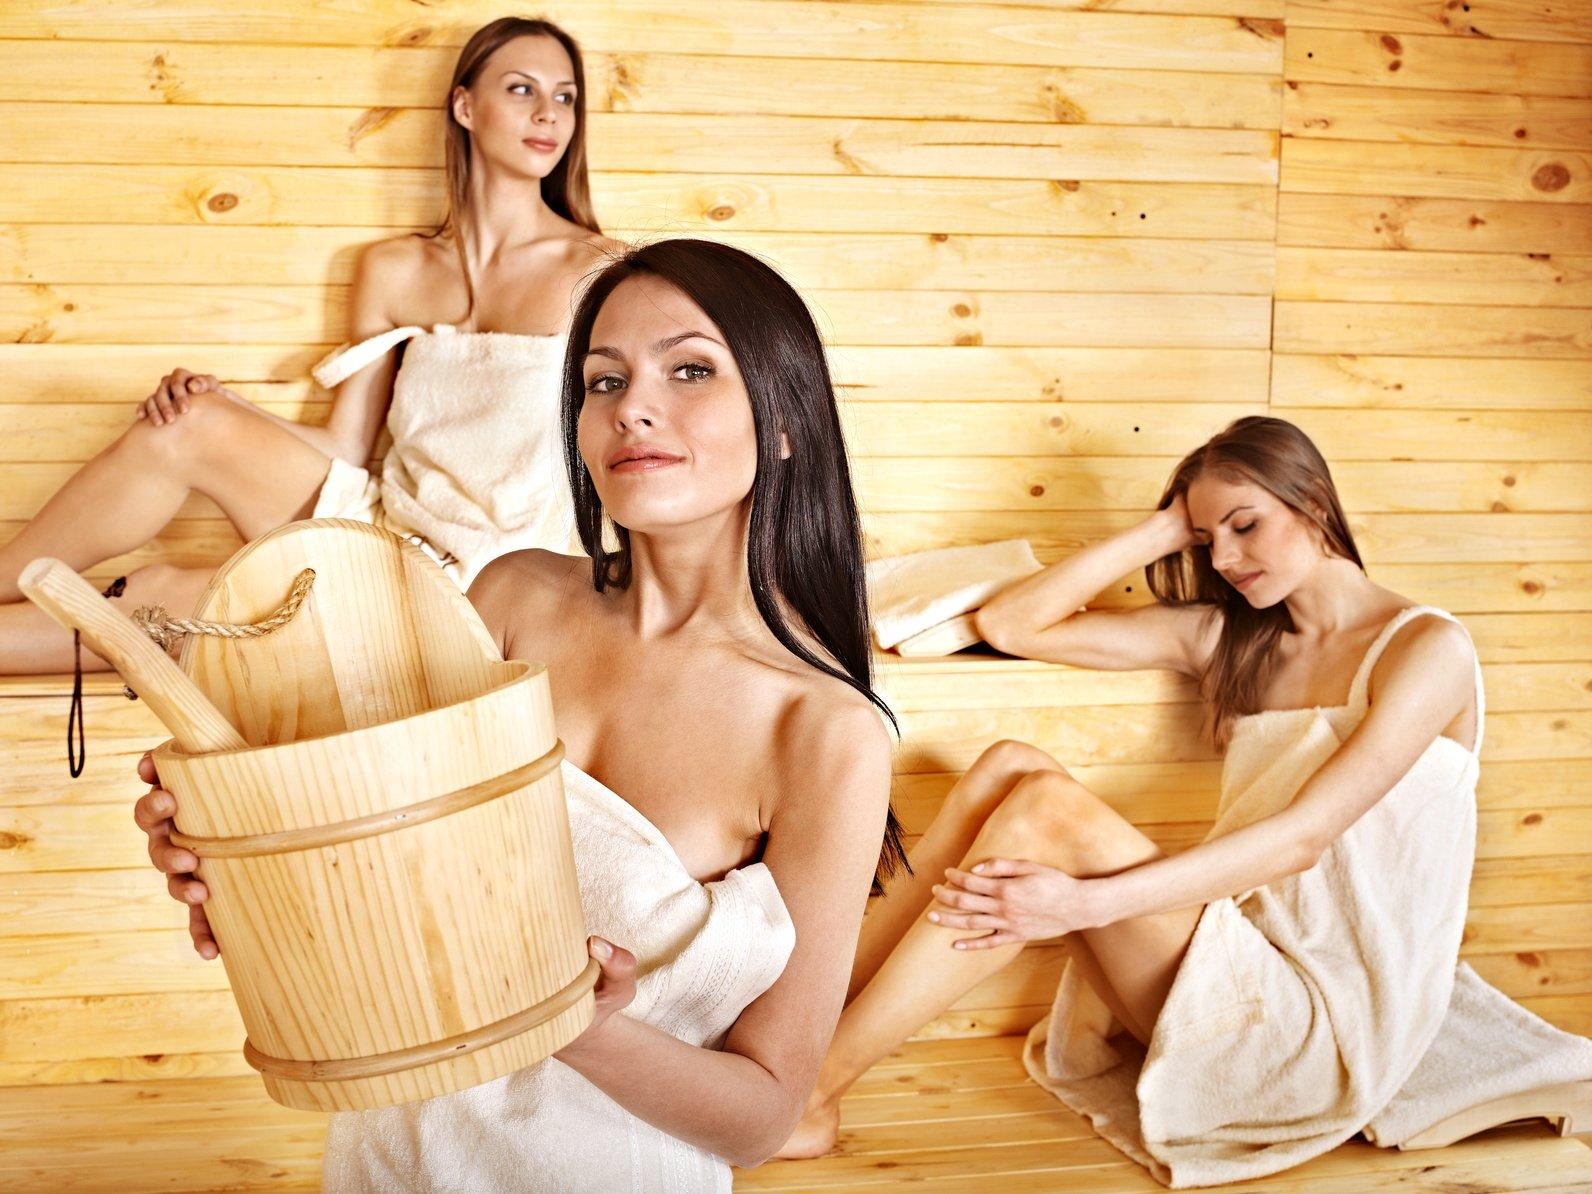 Как правильно париться в бане для здоровья женщинам